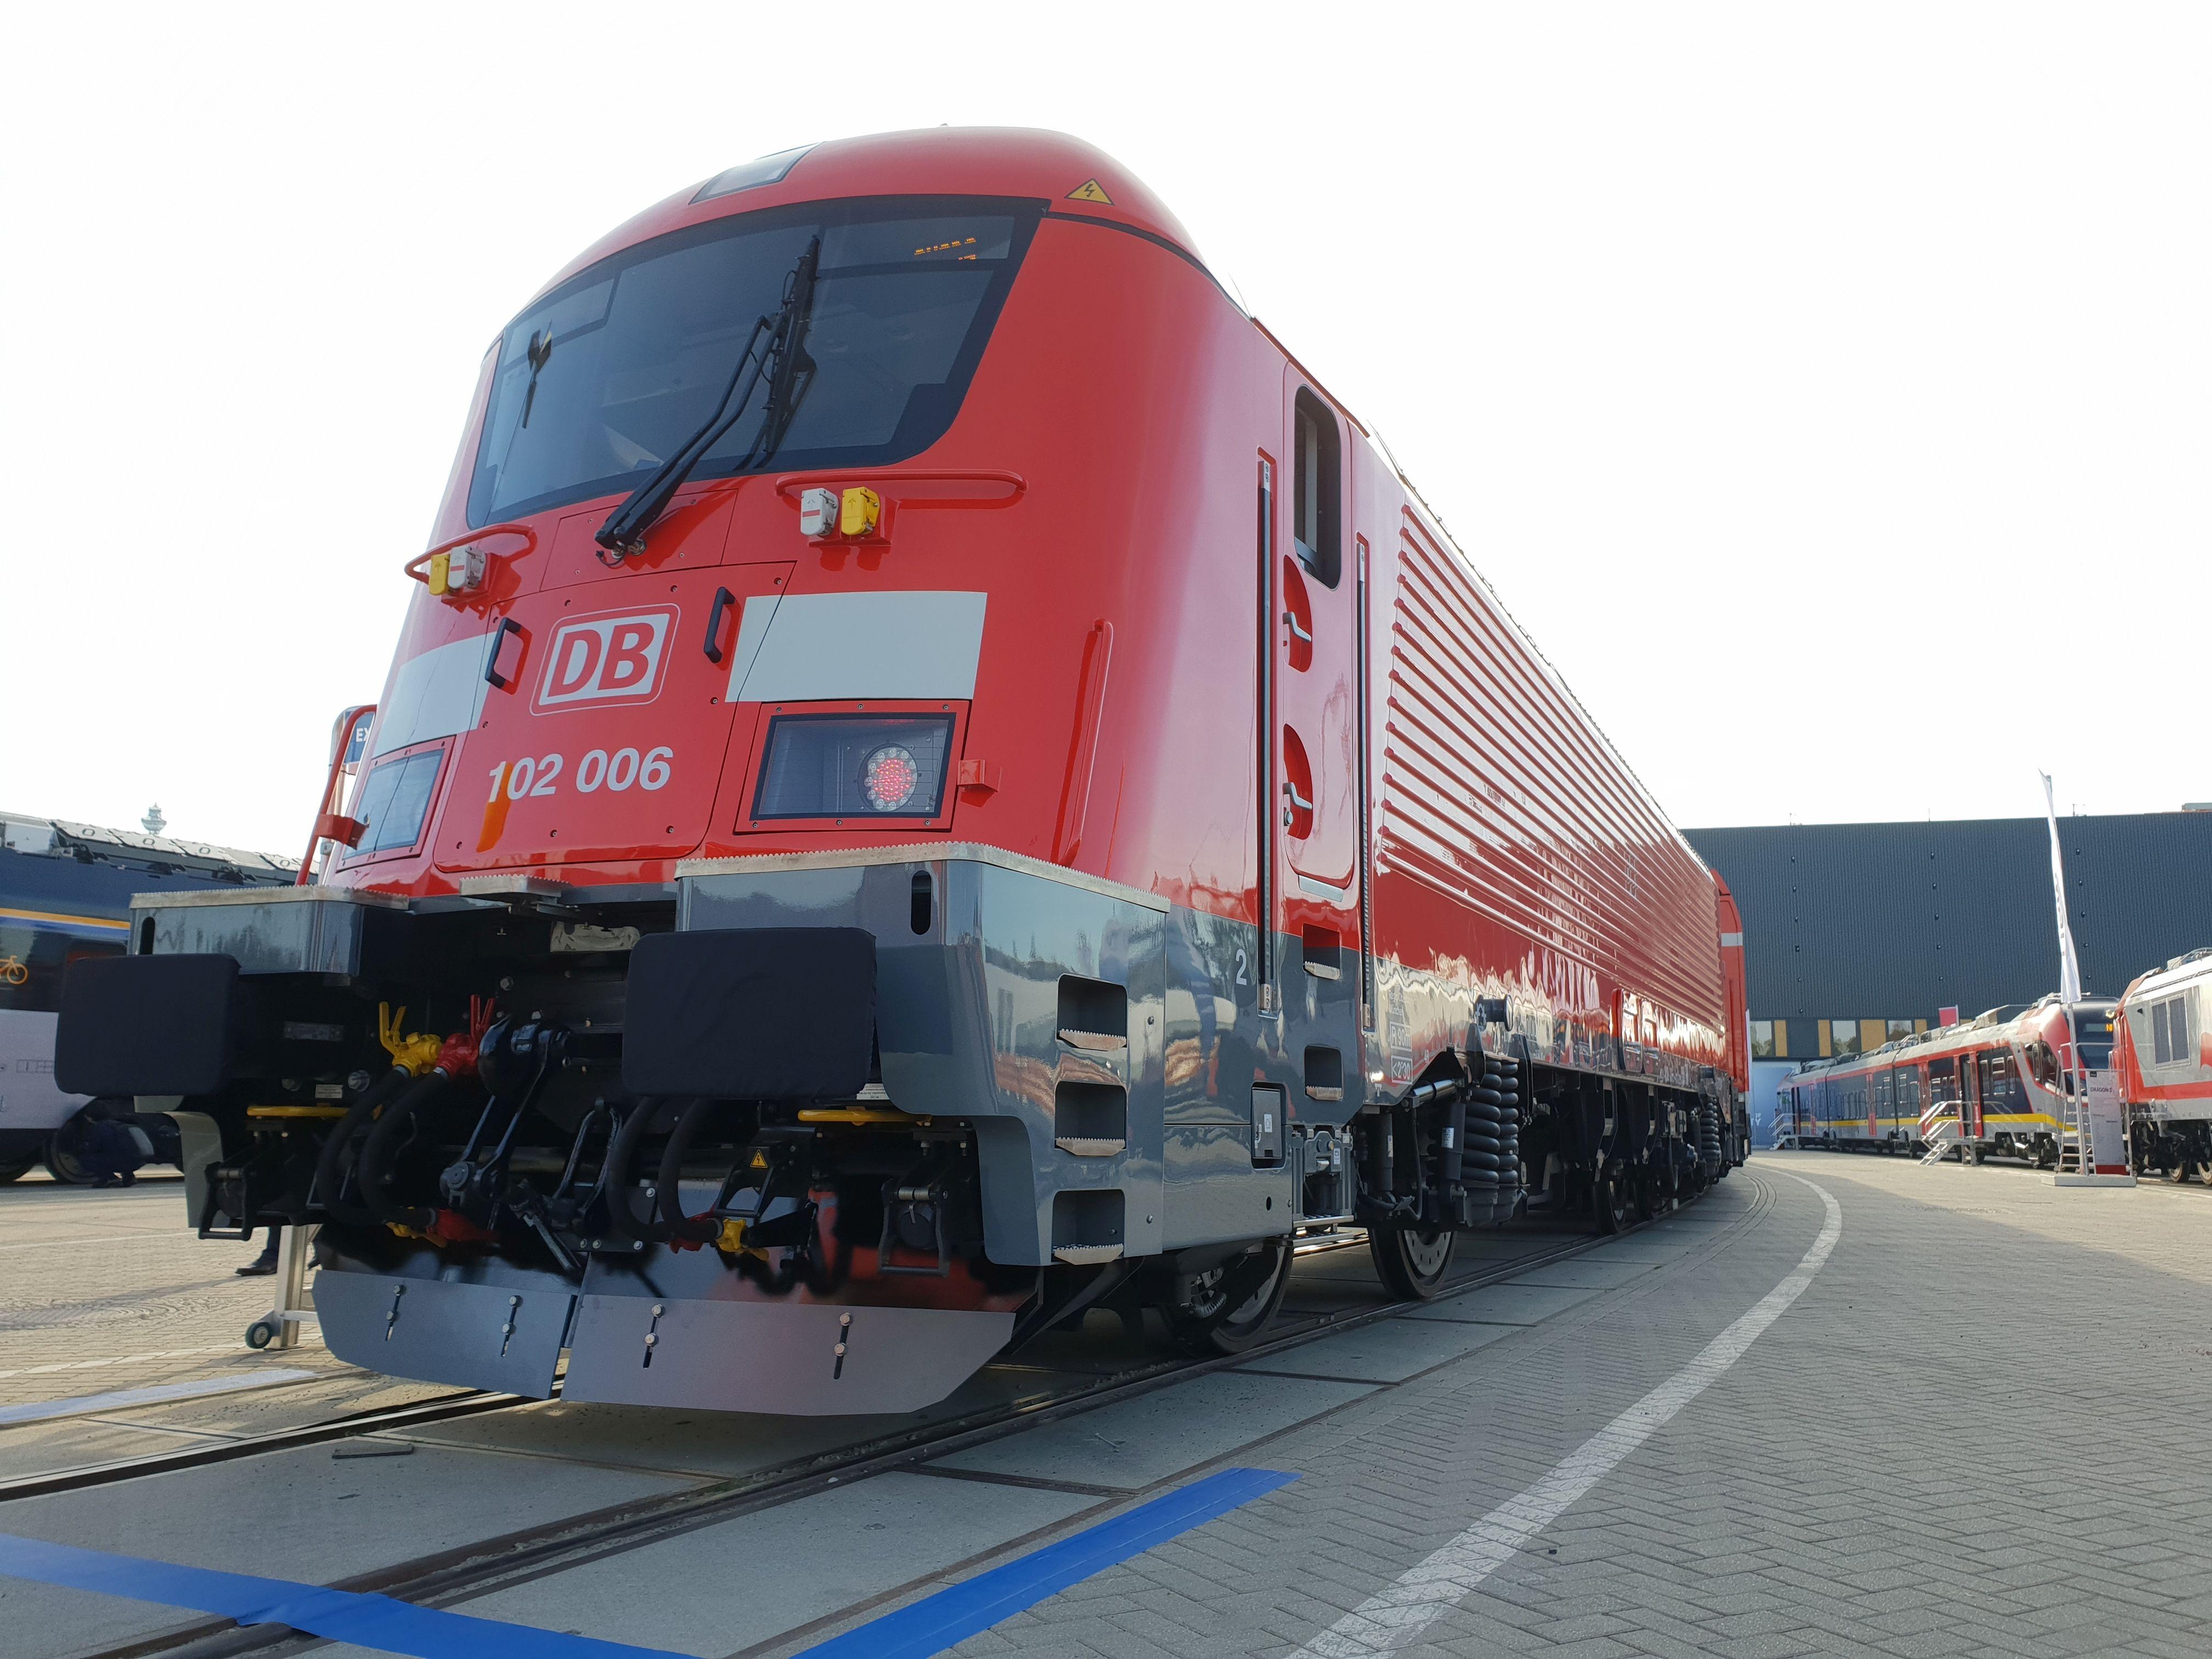 Foto: Elok 102 006 von Skoda für den Nürnberg-Ingolstadt-München-Express auf der Berliner Innotrans 2018